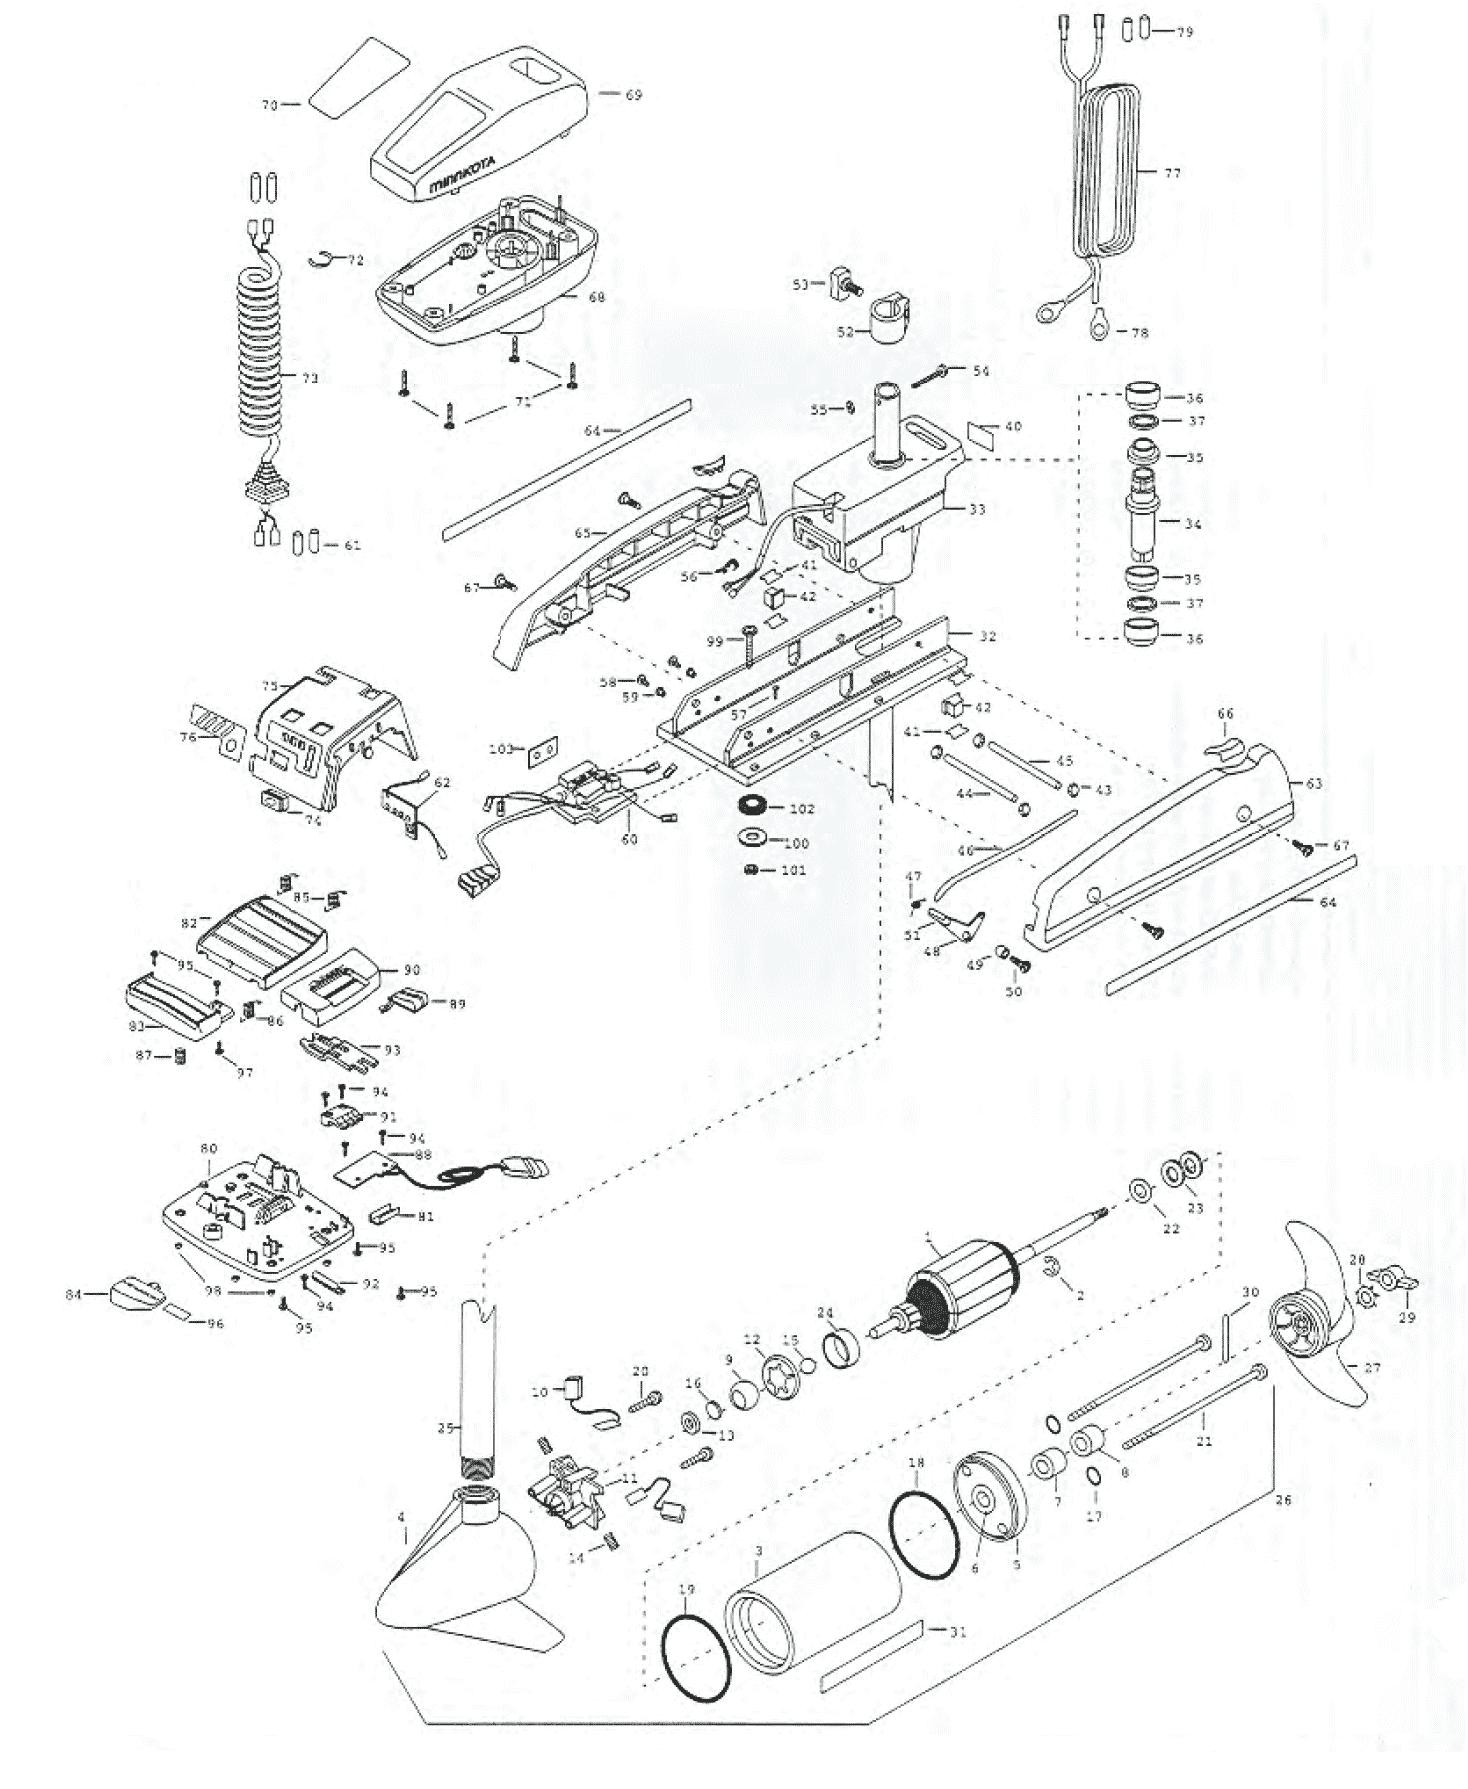 2000_MK_38pdpro Minn Kota Parts Schematic on honda parts schematic, minn kota trolling motor schematic, yamaha parts schematic, remington parts schematic, zebco parts schematic, suzuki parts schematic, minn kota endura schematic,